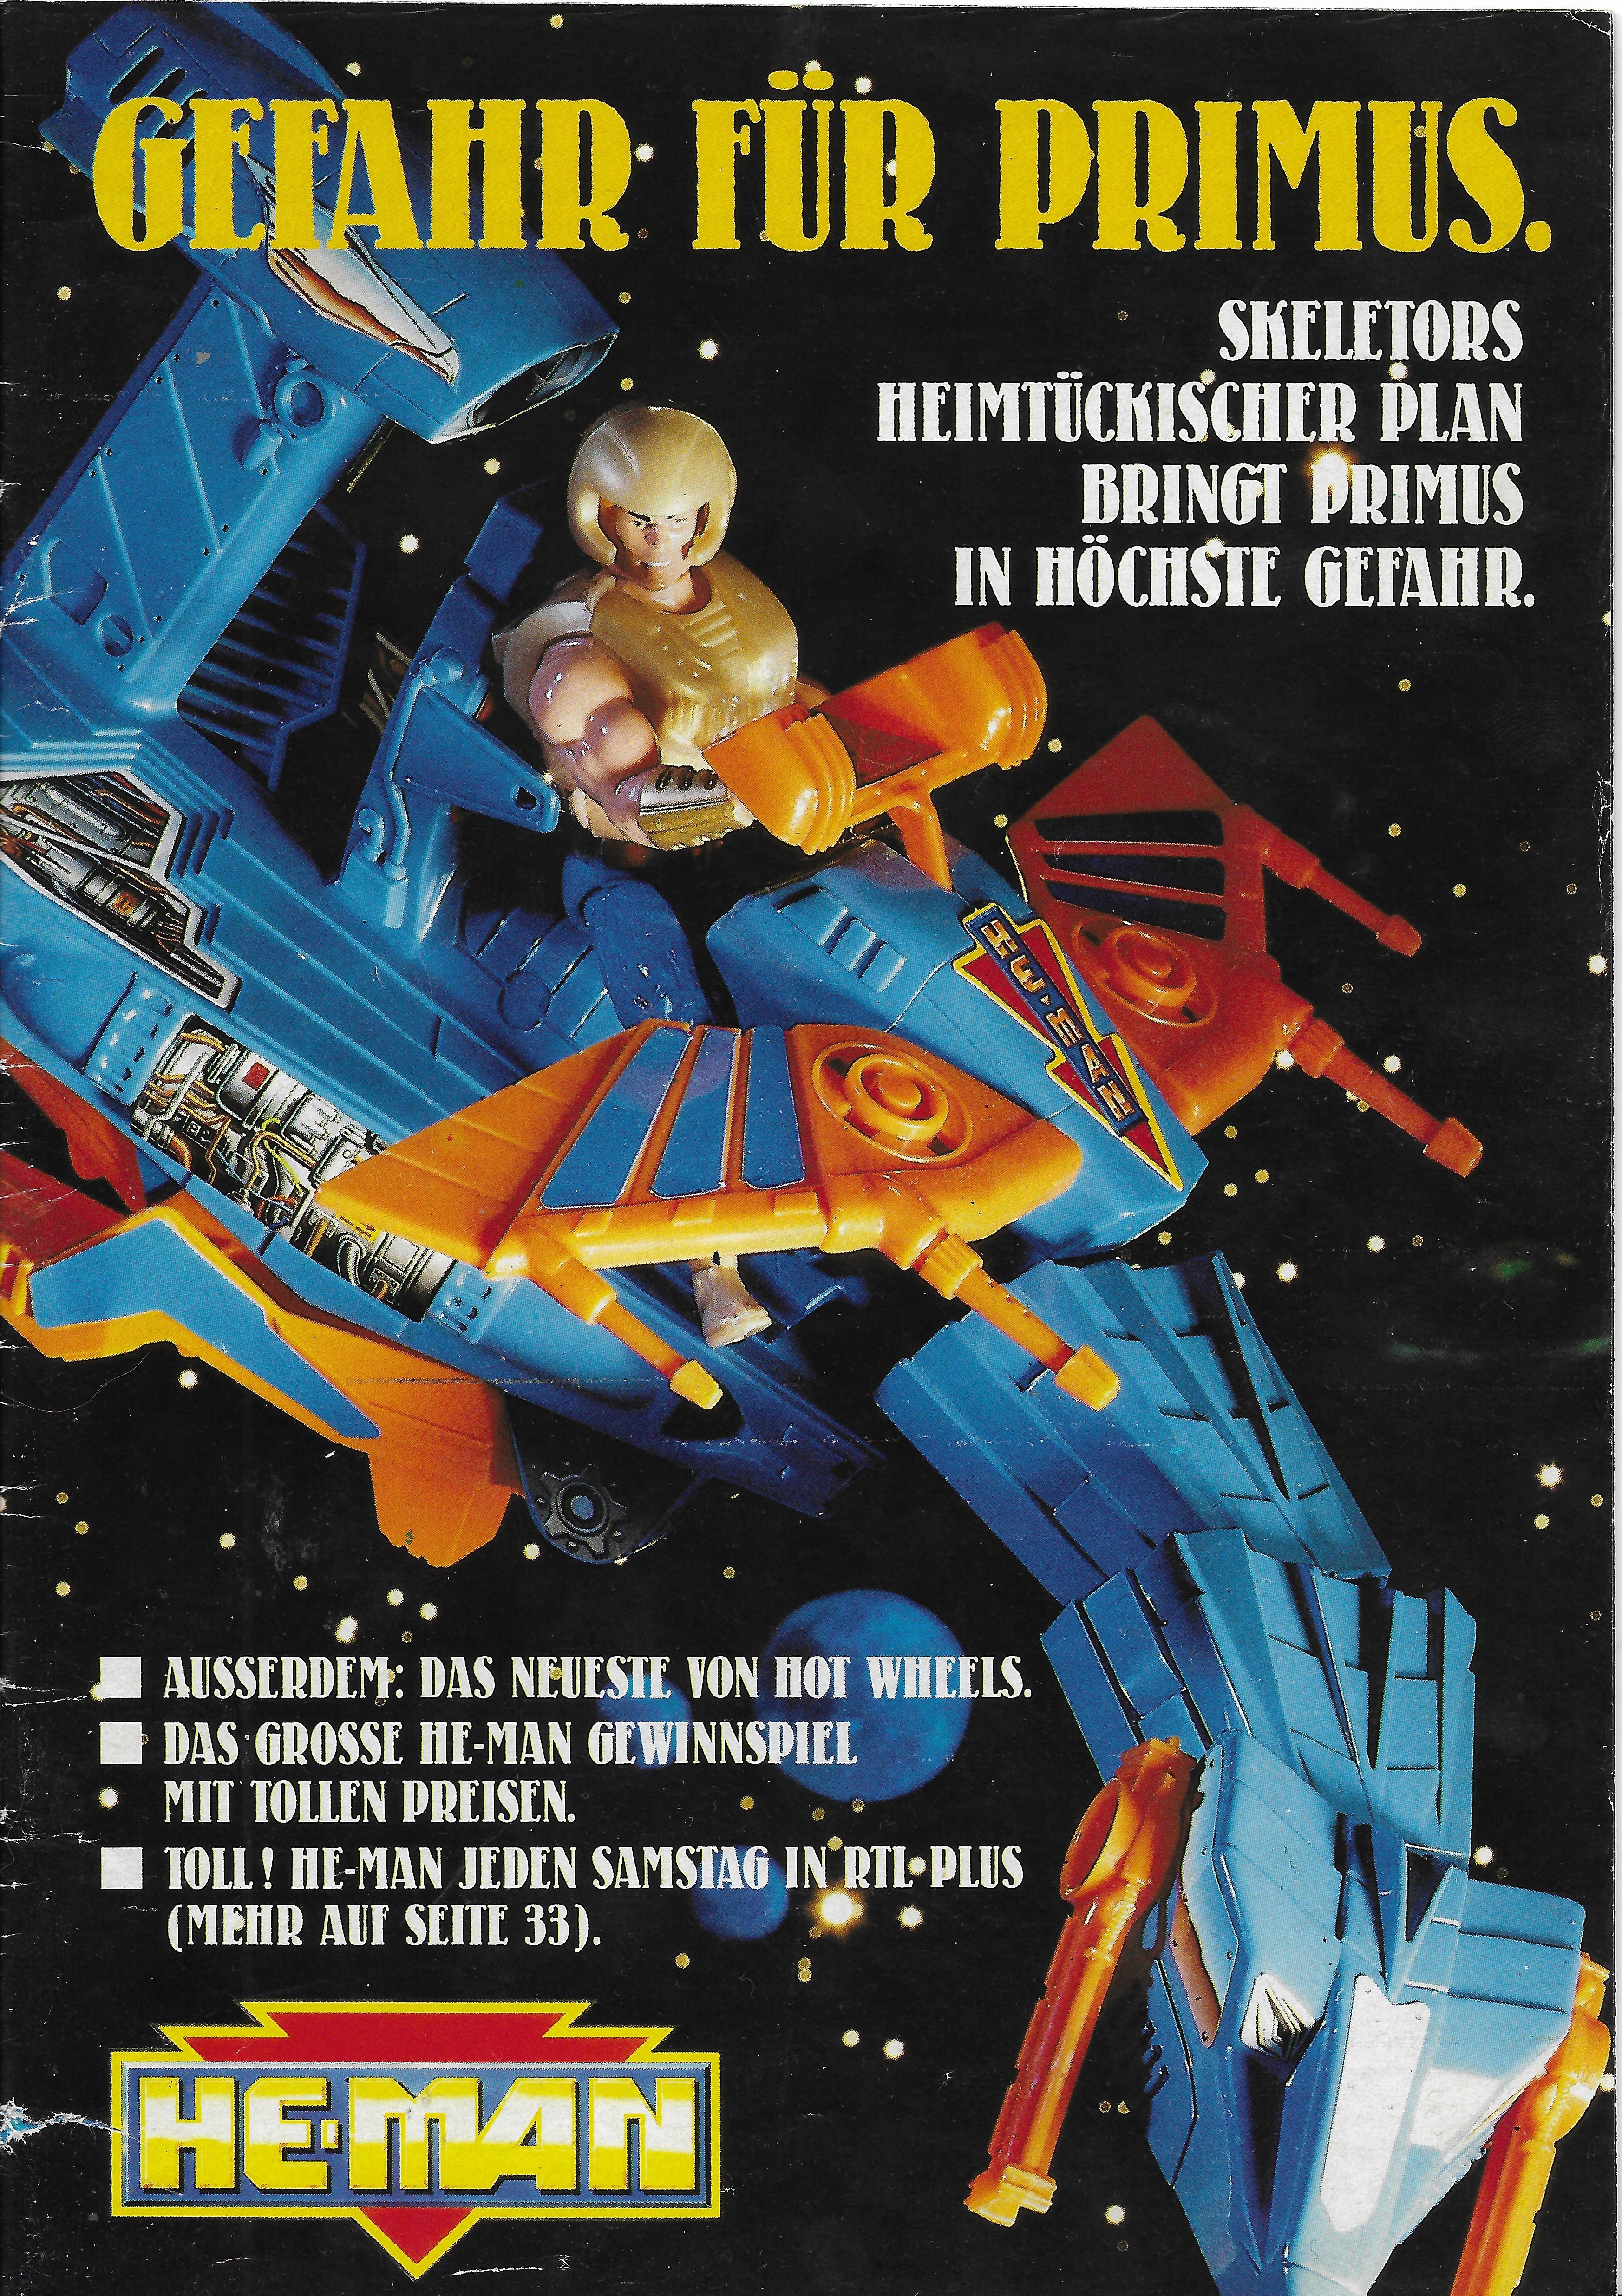 1990-es német He-Man katalógus